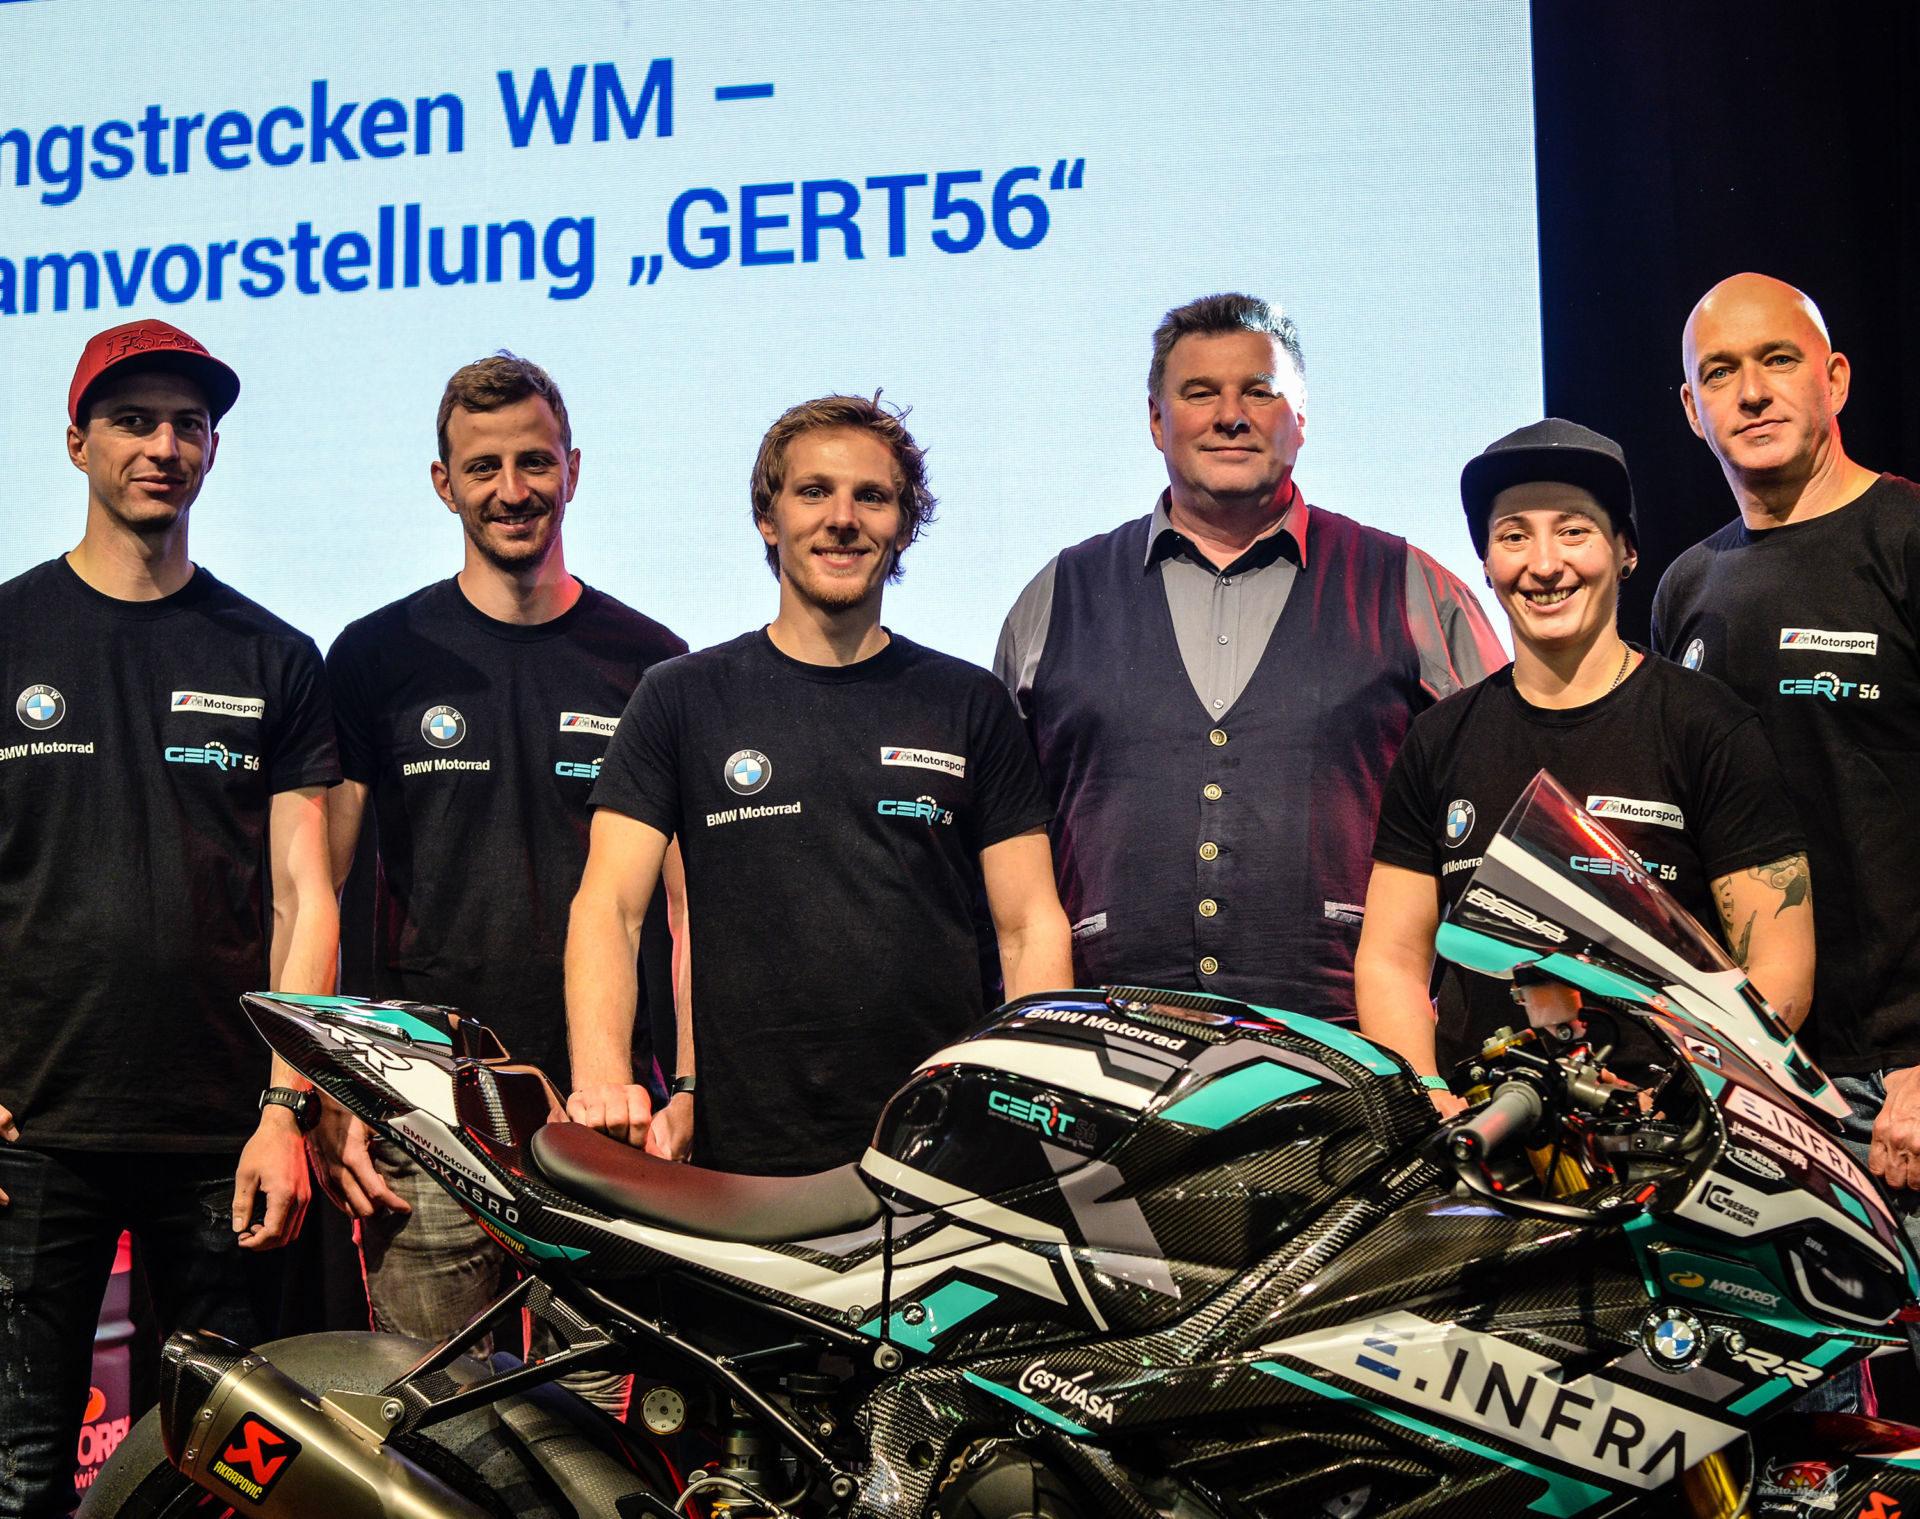 (From right): Ronny Schlieder, Lucy Glöckner, Karsten Wolf, Pepijn Bijsterbosch, Stefan Kerschbaumer, and Toni Finsterbusch. Photo courtesy of Wunderlich Motorsport.